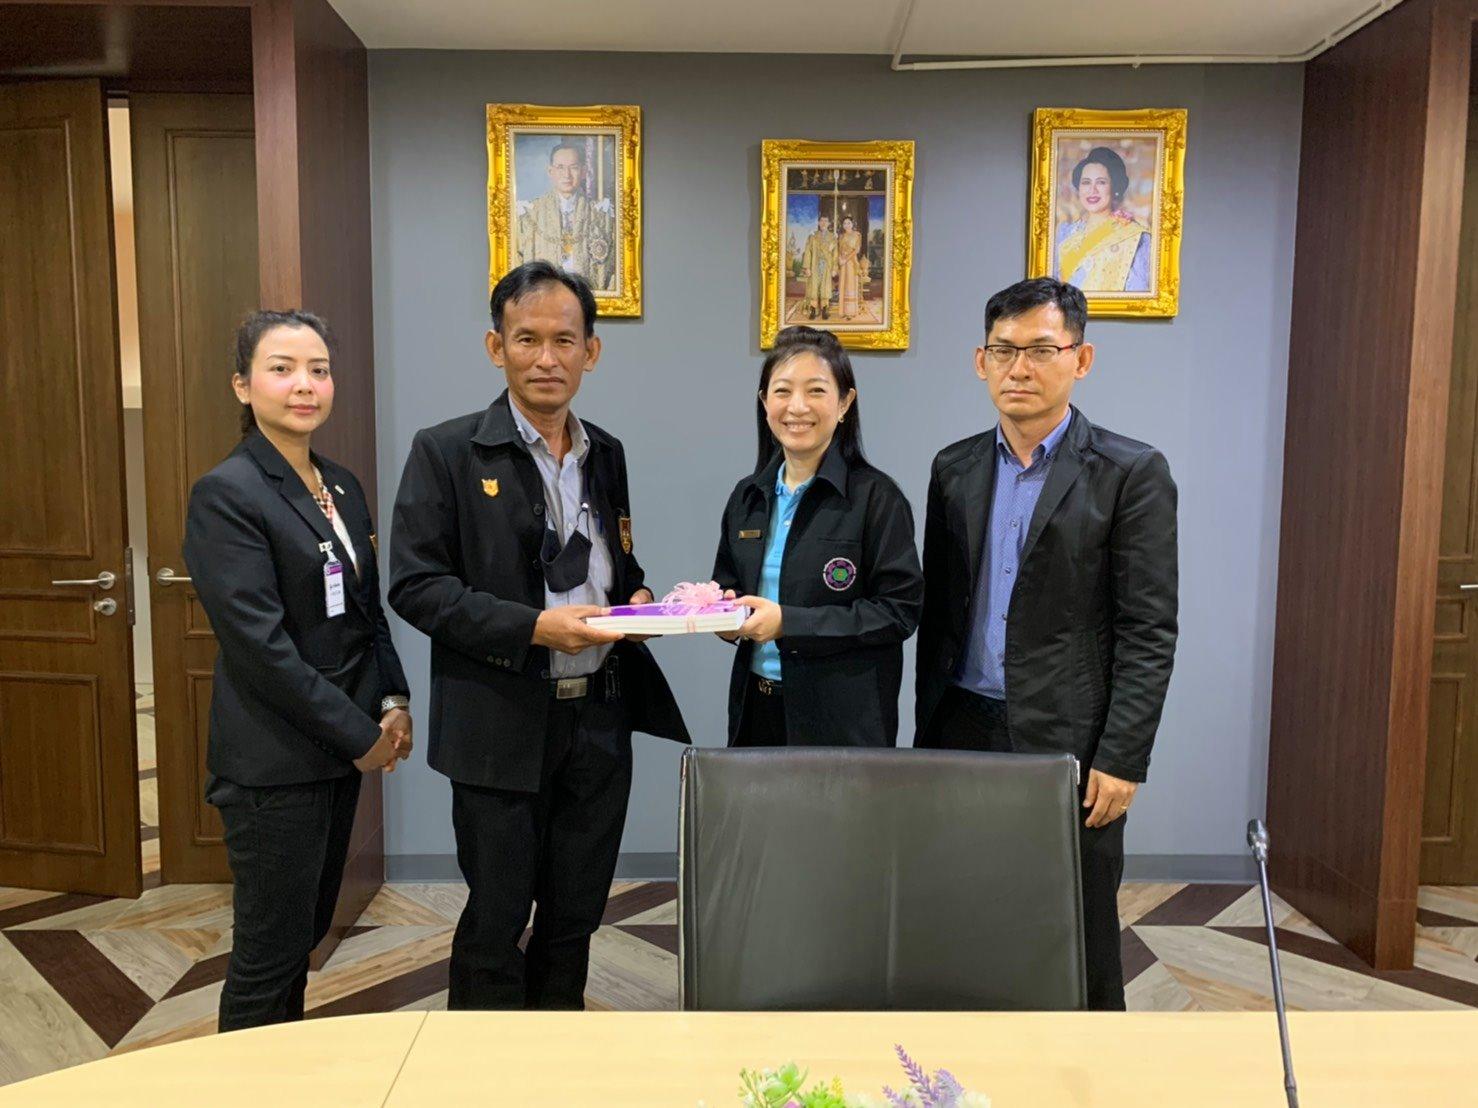 รศ.ดร.ประจวบ กล่อมจิตร ประธานสาขาวิศวกรรมอุตสาหการ วิศวกรรมสถานแห่งประเทศไทยฯ (วสท.) เข้าพบคุณปนัดดา เย็นตระกูล ผู้อำนวยการฝ่ายบริการผู้ประกอบการ การนิคมอุตสาหกรรมแห่งประเทศไทย